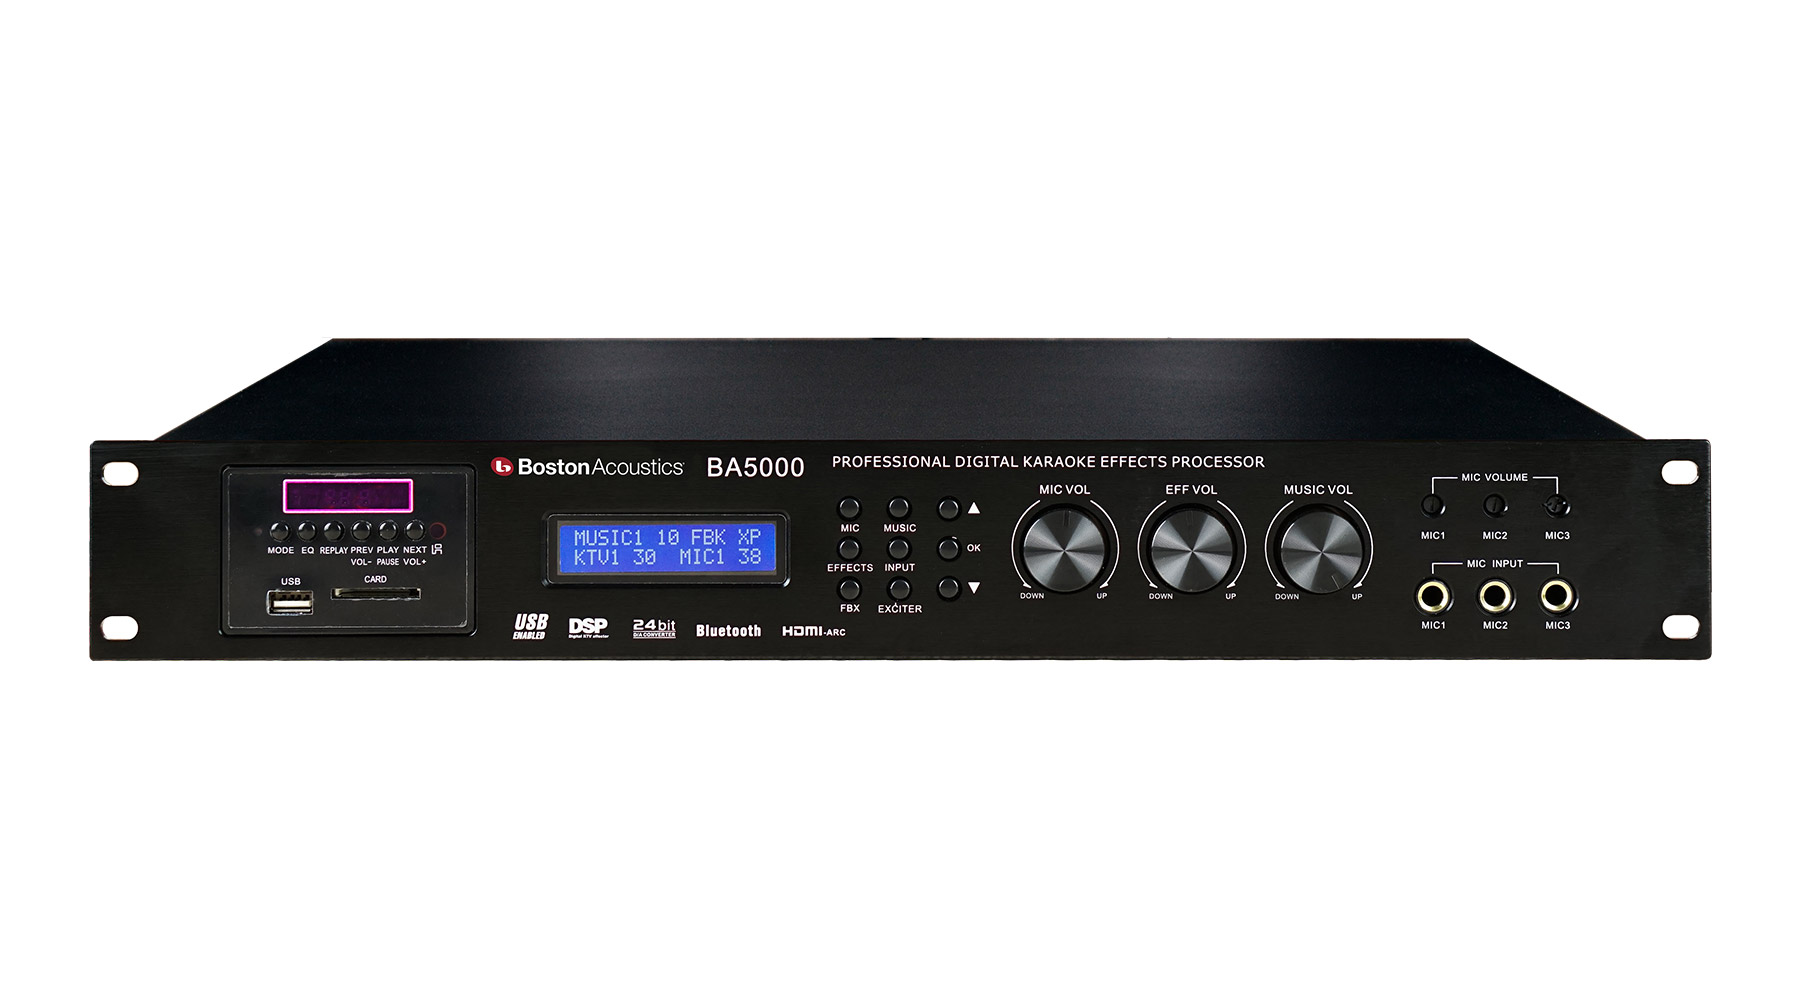 Boston Acoustics BA5000